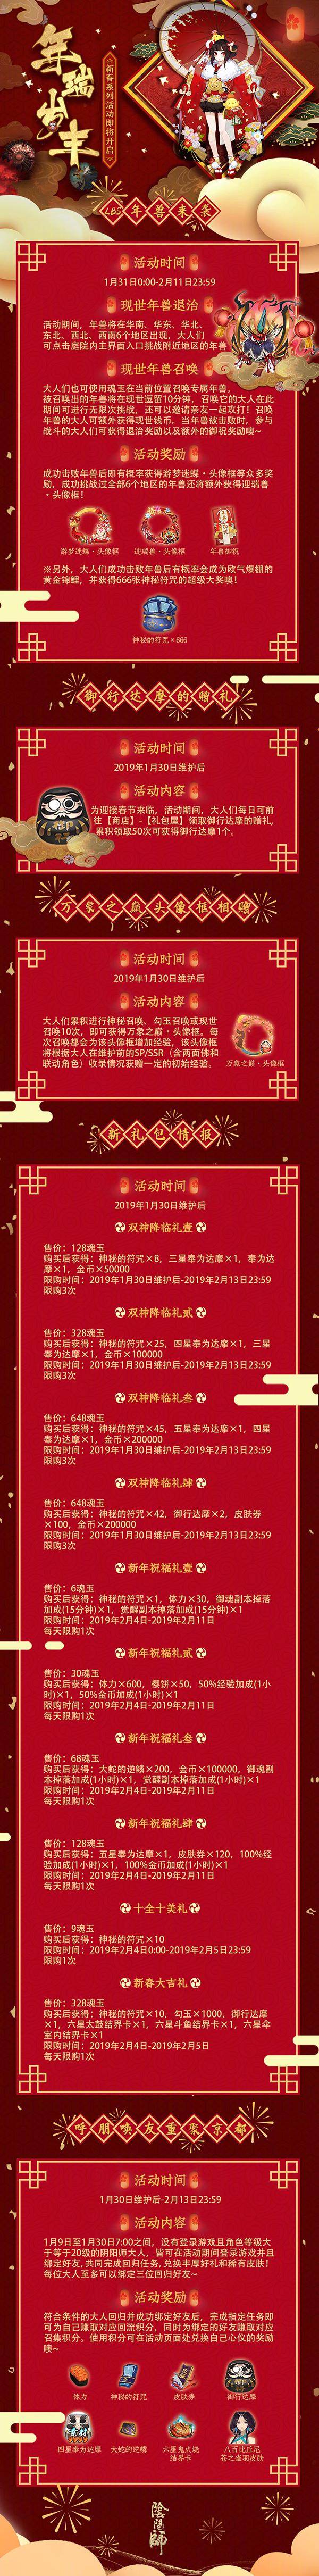 阴阳师2019春节活动预告:击败LBS年兽有概率得666张蓝票